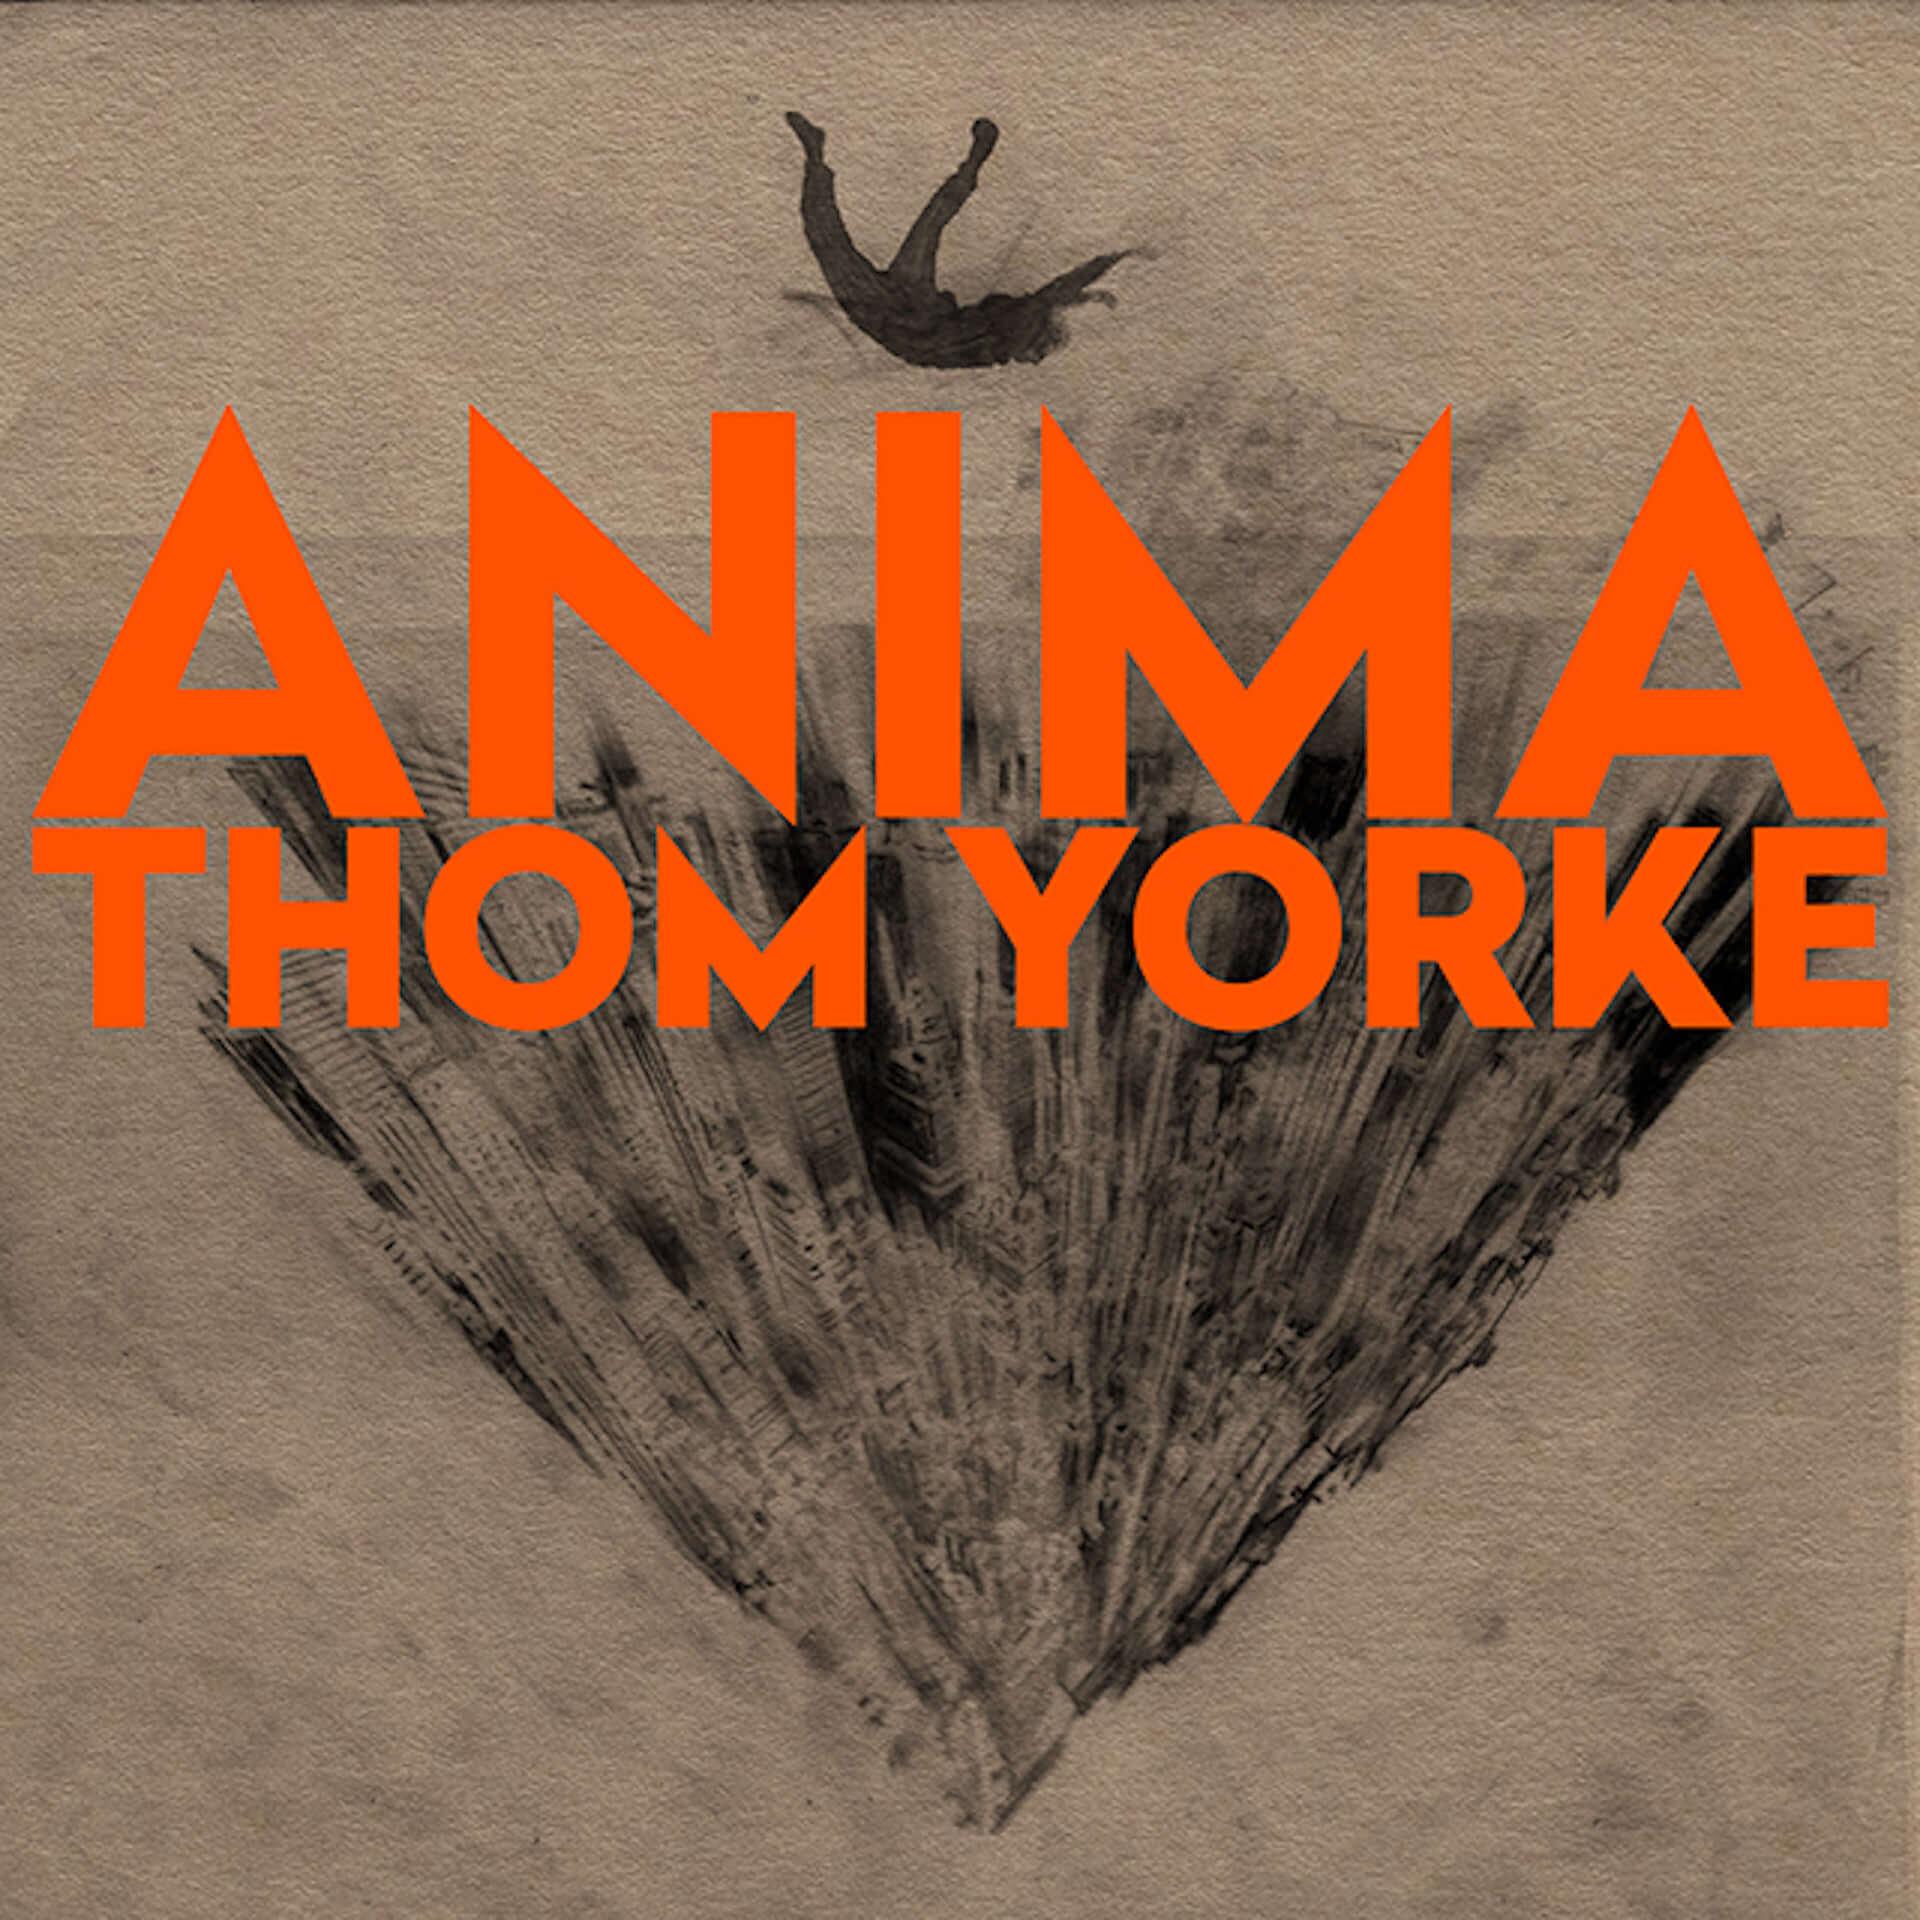 Radioheadが2000年にダブリンで実施したライブ映像を公開!Thom Yorke『ANIMA』Tシャツの単体販売も開始 music200410_radiohead_2-1920x1920